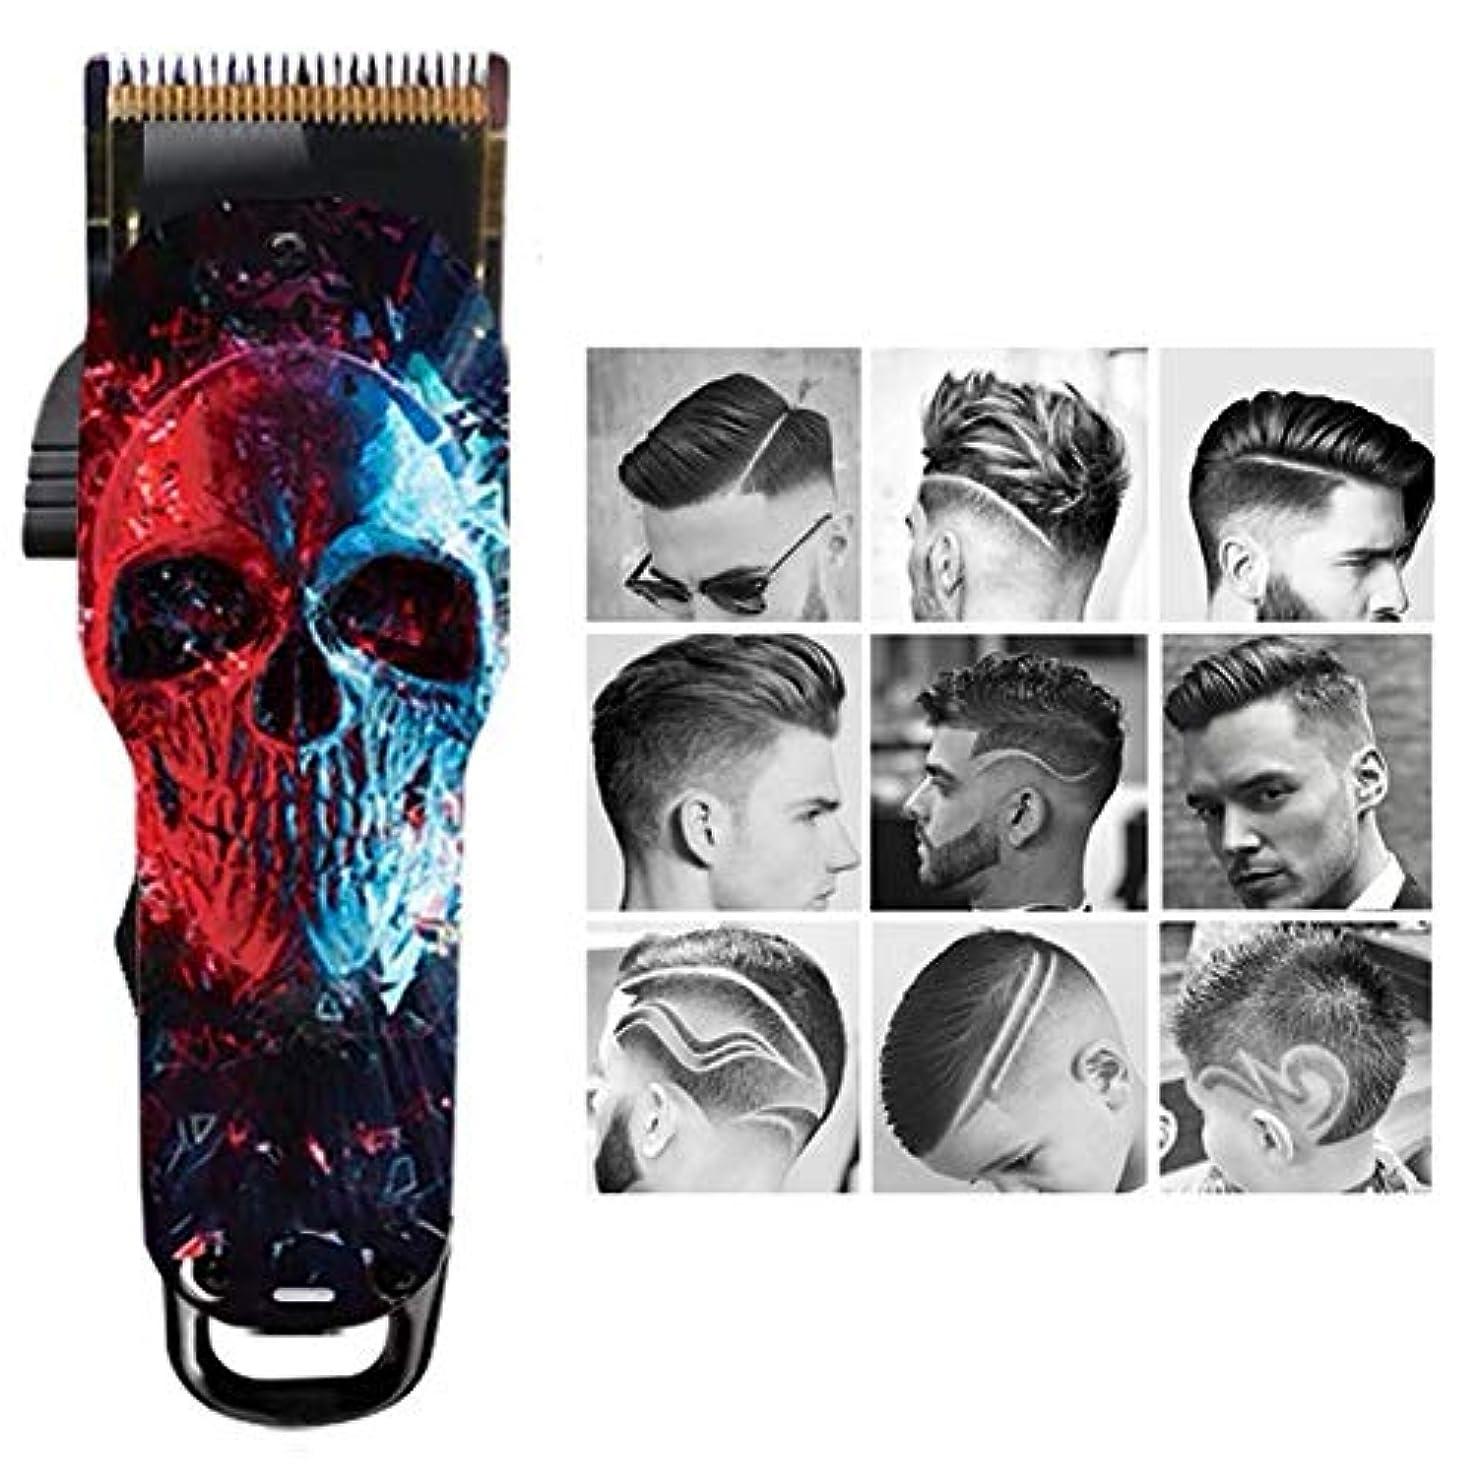 であることスラダム掃く電動バリカン - 理髪店スタイリング特別な落書きオイルヘッドレトロヘアクリッパーヘアサロンプロフェッショナルヘアクリッパー